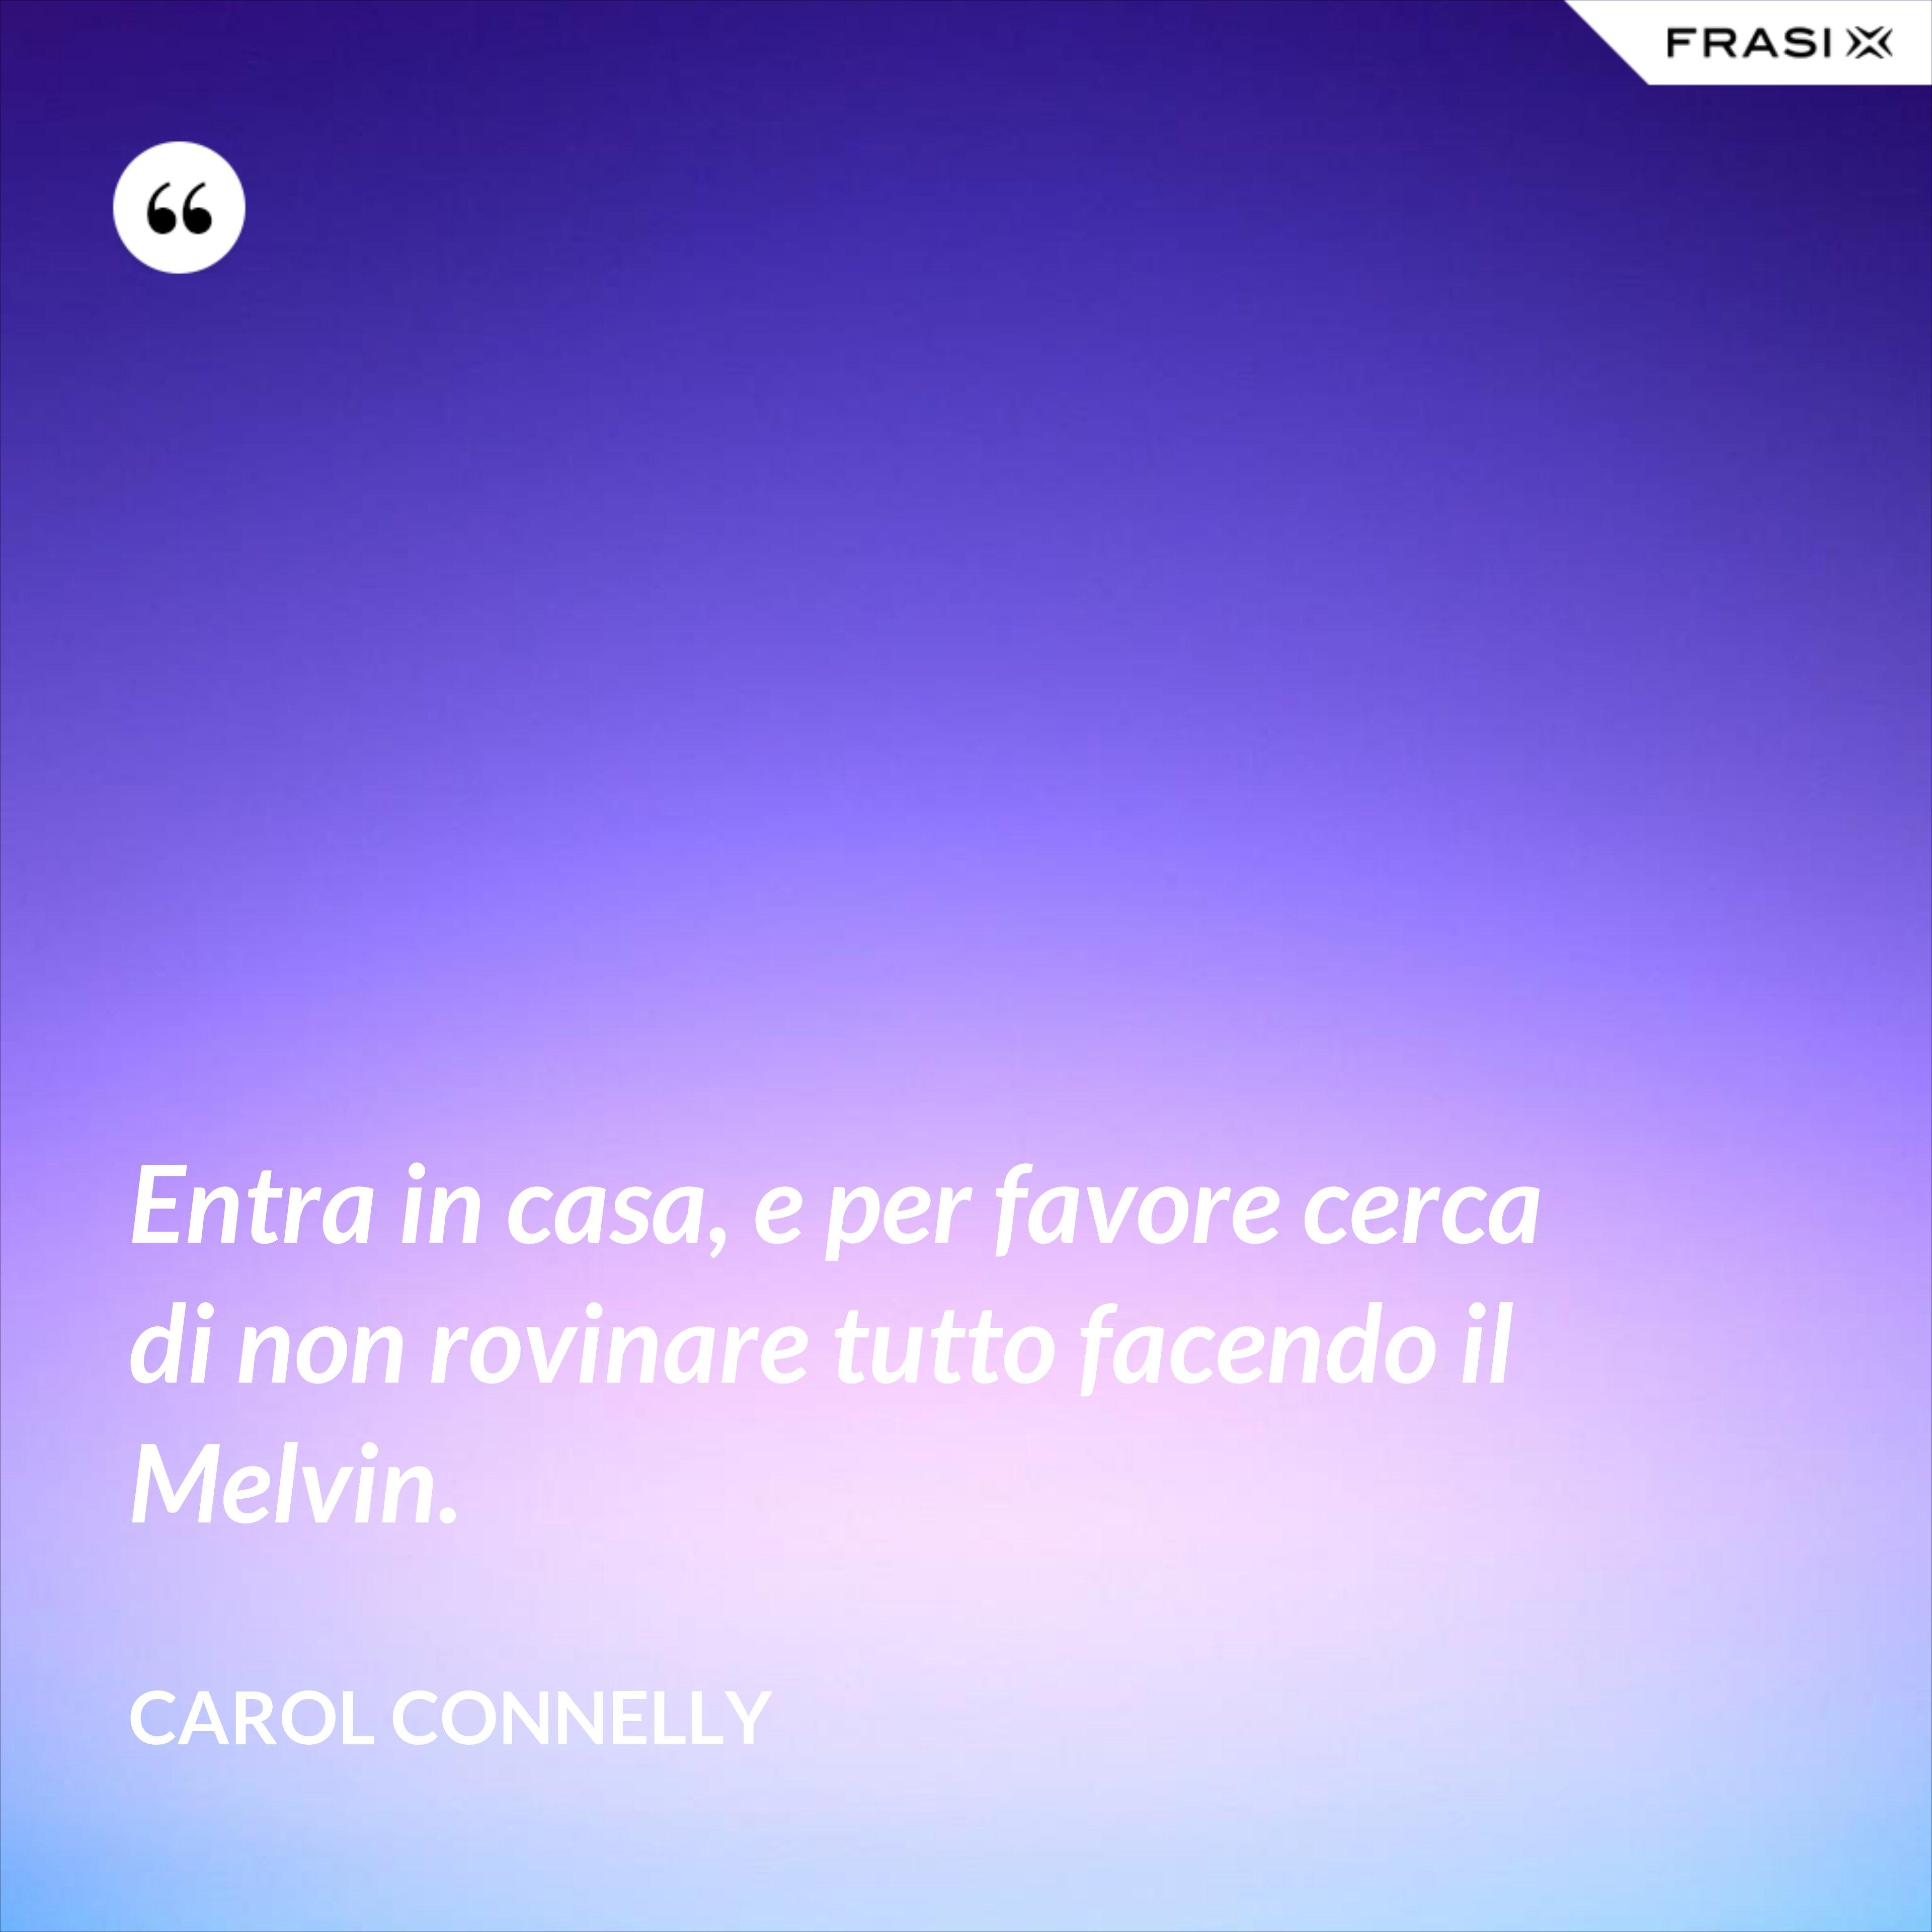 Entra in casa, e per favore cerca di non rovinare tutto facendo il Melvin. - Carol Connelly